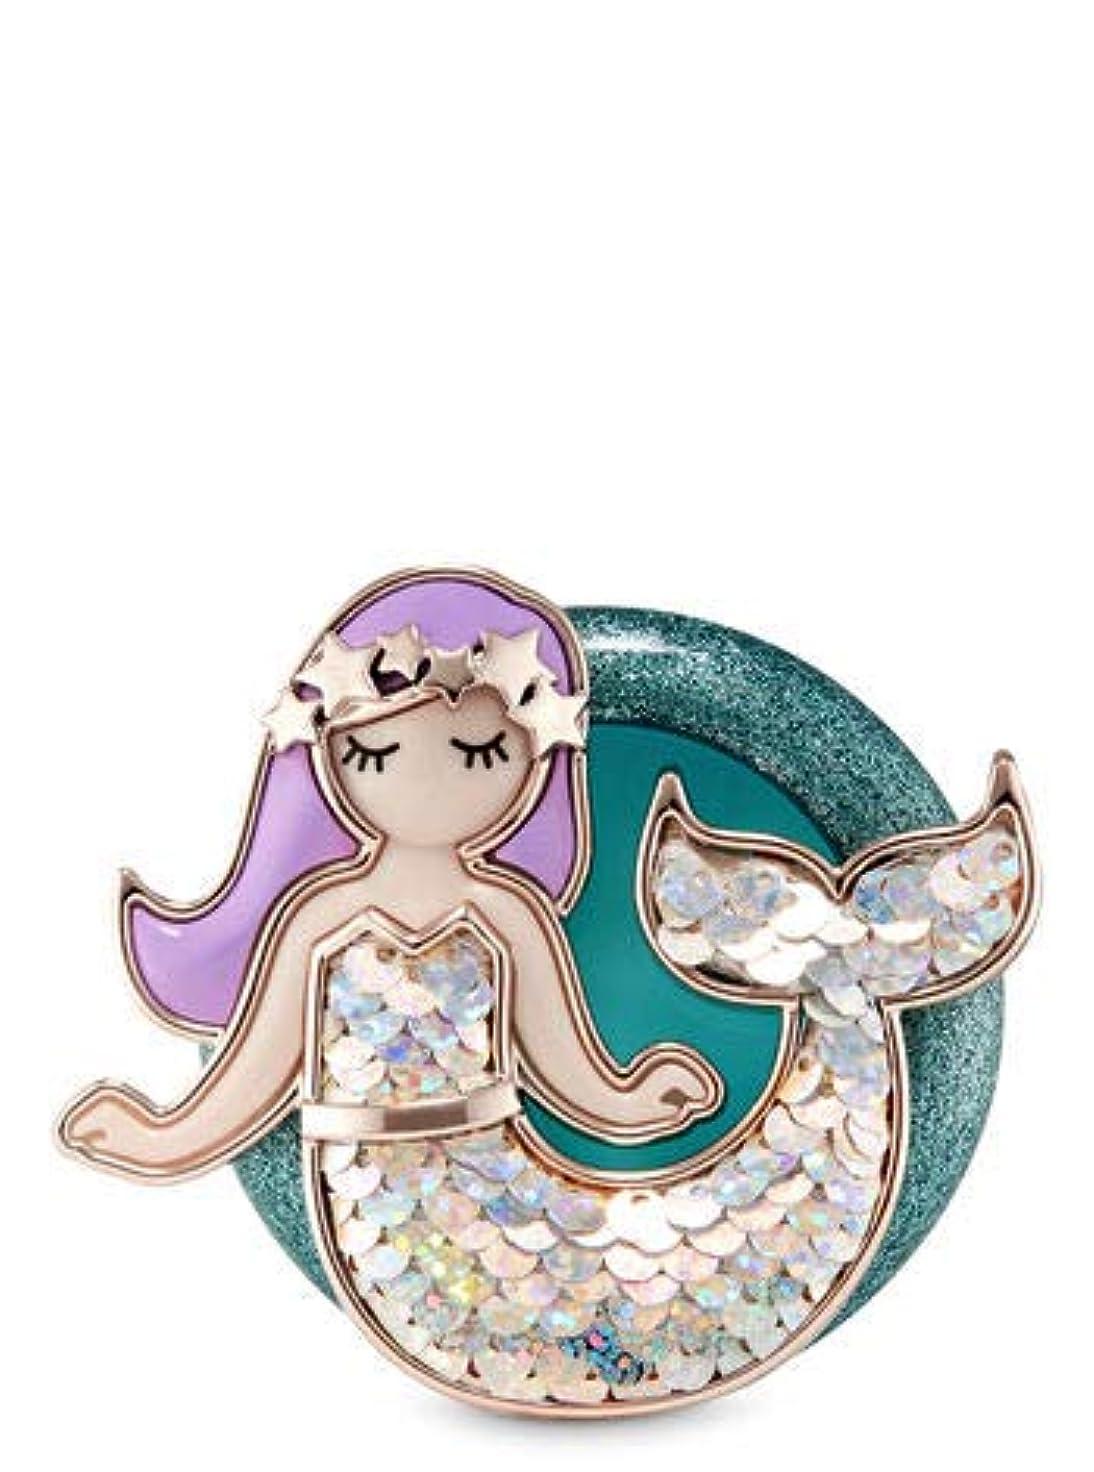 コールド裏切るペン【Bath&Body Works/バス&ボディワークス】 クリップ式芳香剤 セントポータブル ホルダー (本体ケースのみ) マーメイド Scentportable Holder Marmaid [並行輸入品]